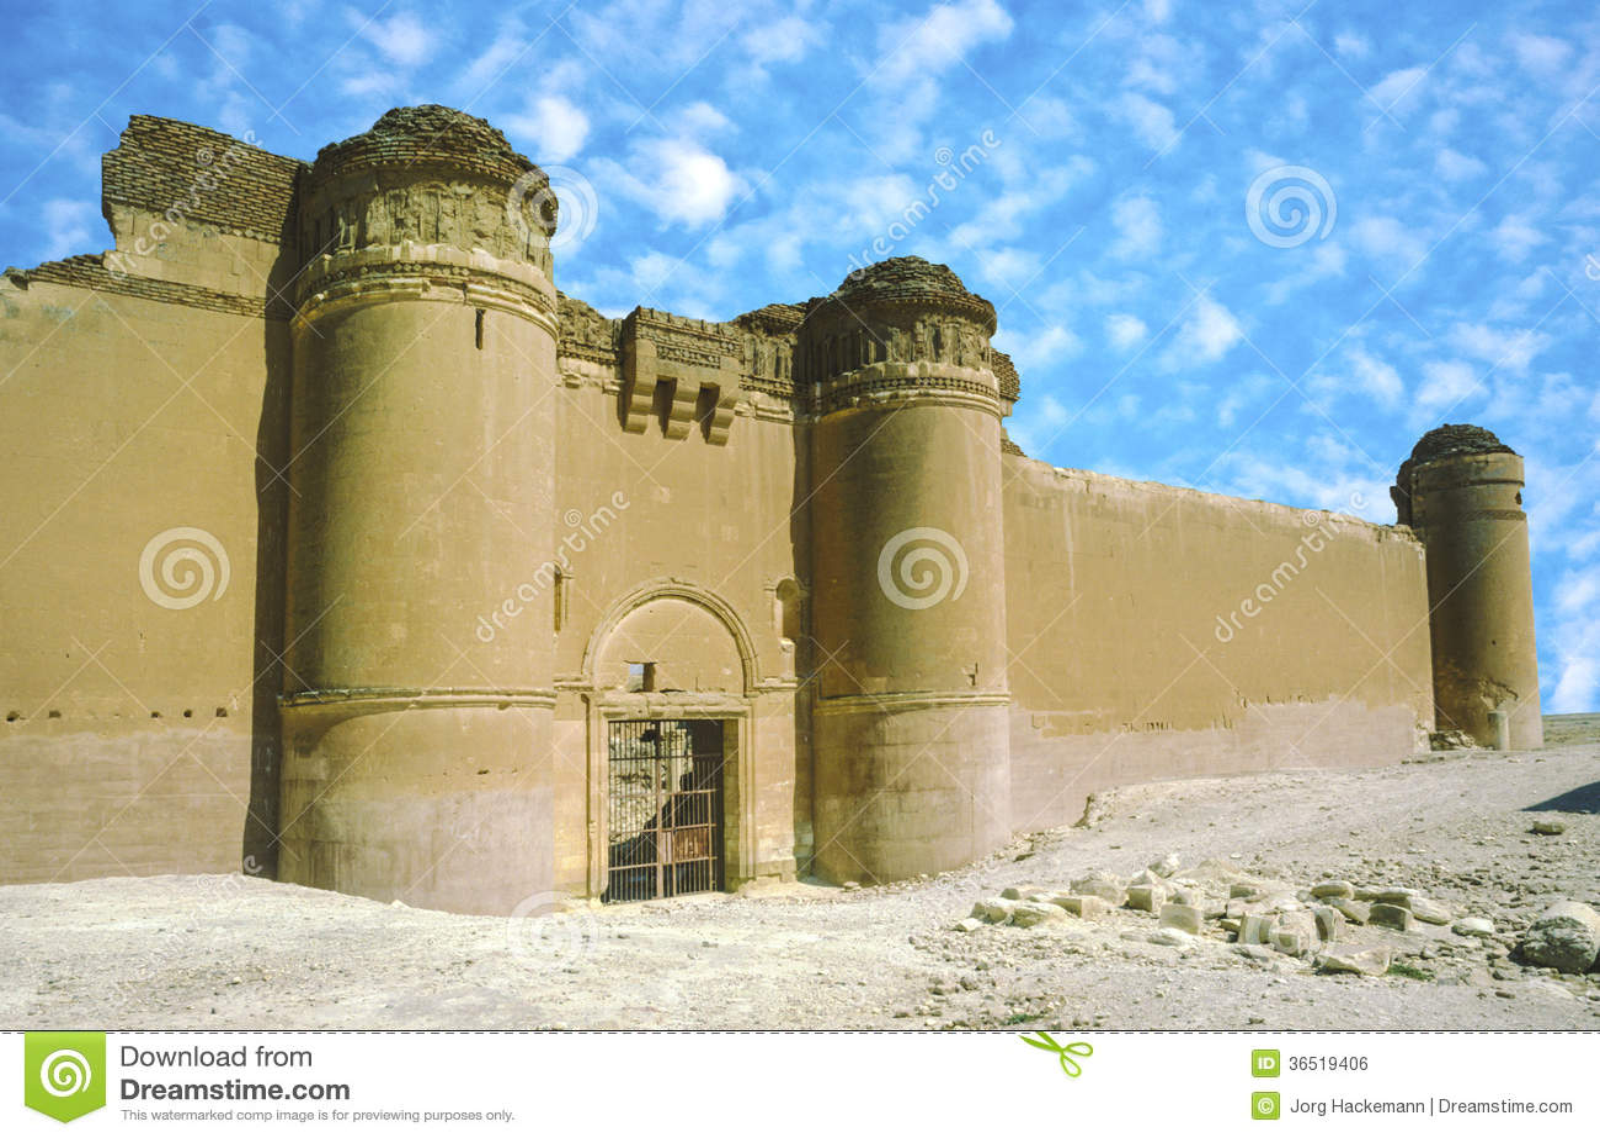 Qasr al-Hayr al-Sharqi castle